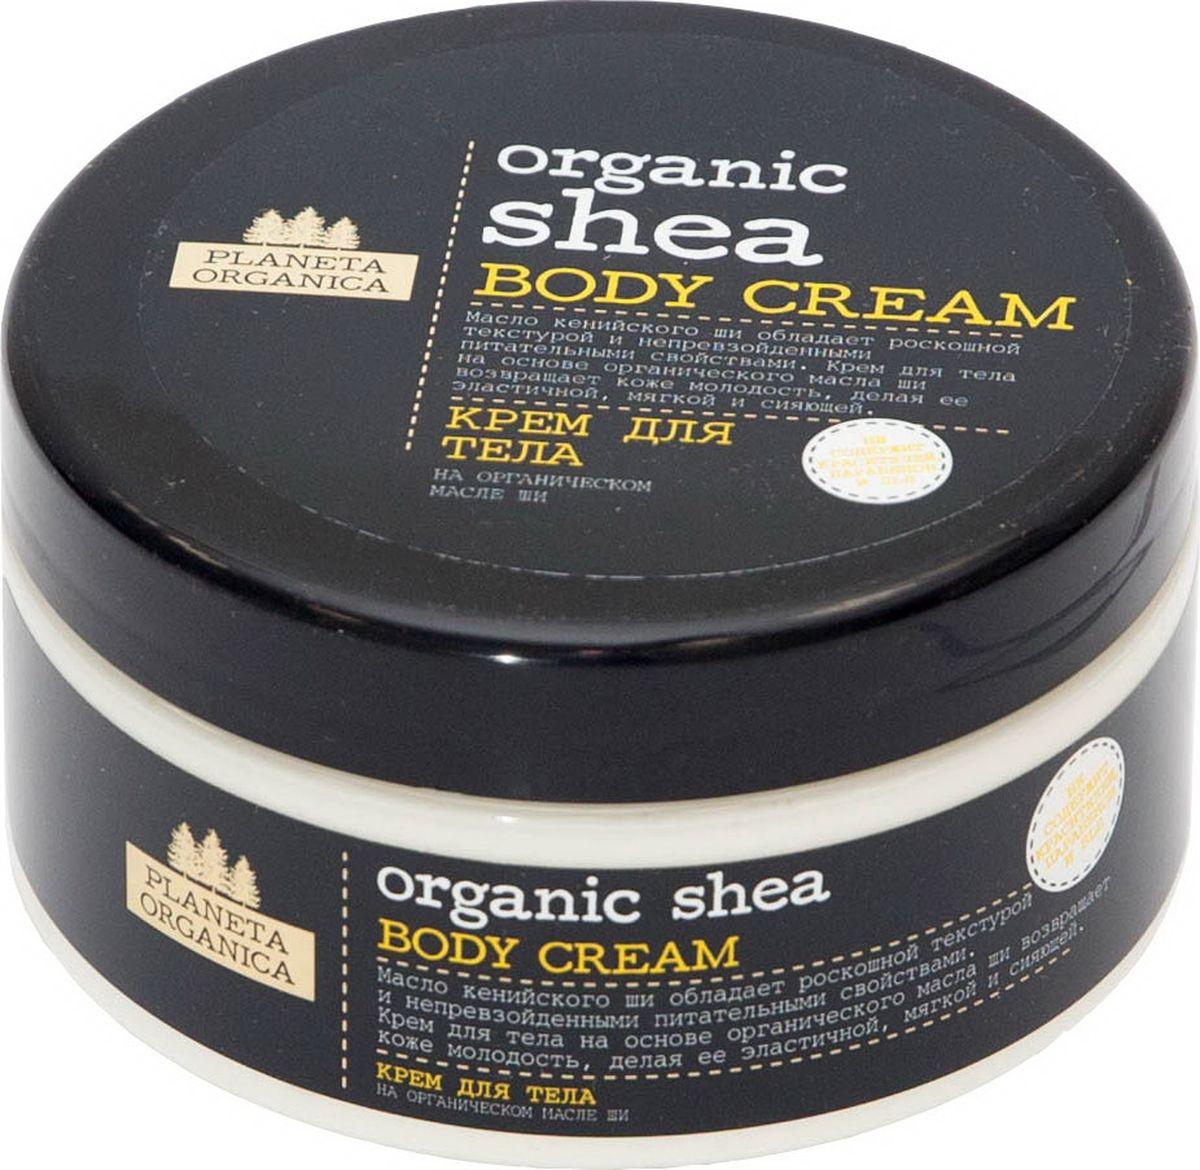 Planeta Organica крем для тела Органик Ши, 300 мл071-2-1332Крем для тела на основе органического масла кенийского ши способен вернуть молодость Вашей коже, делая ее более эластичной, мягкой и сияющей. Помогает в профилактике ранних морщин.